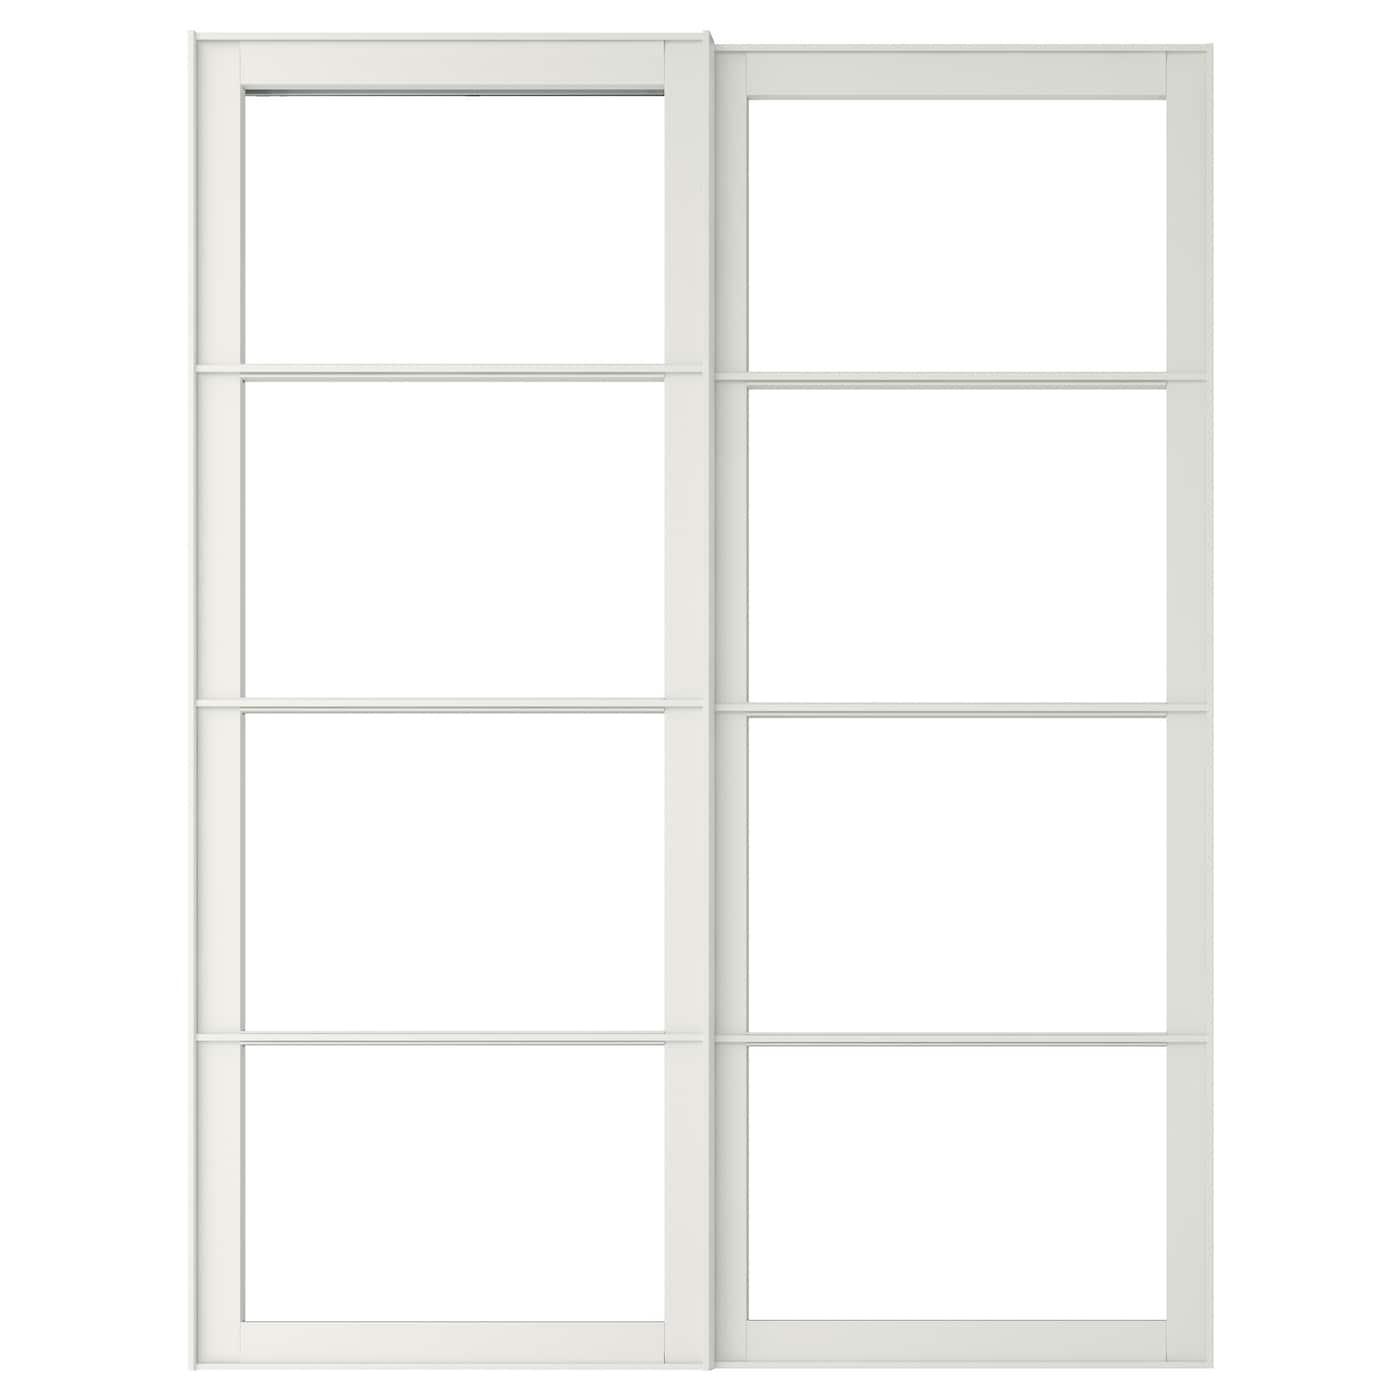 Pax 2 Estructriel Ppuertas Correderas Blanco 150 X 236 Cm Ikea - Puertas-japonesas-deslizantes